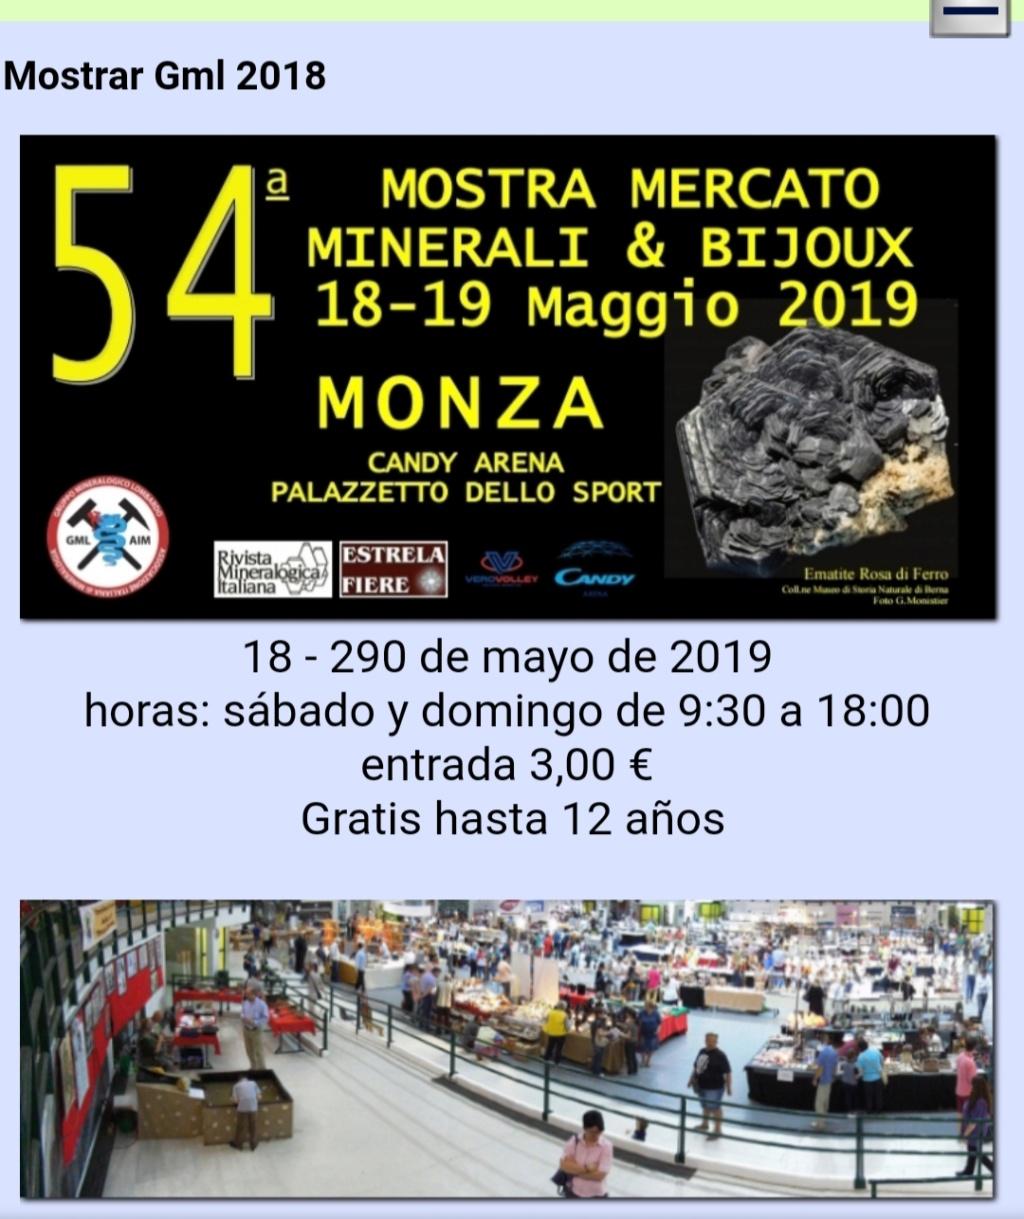 Ferias y eve tos mes de Mayo 2019 20190421